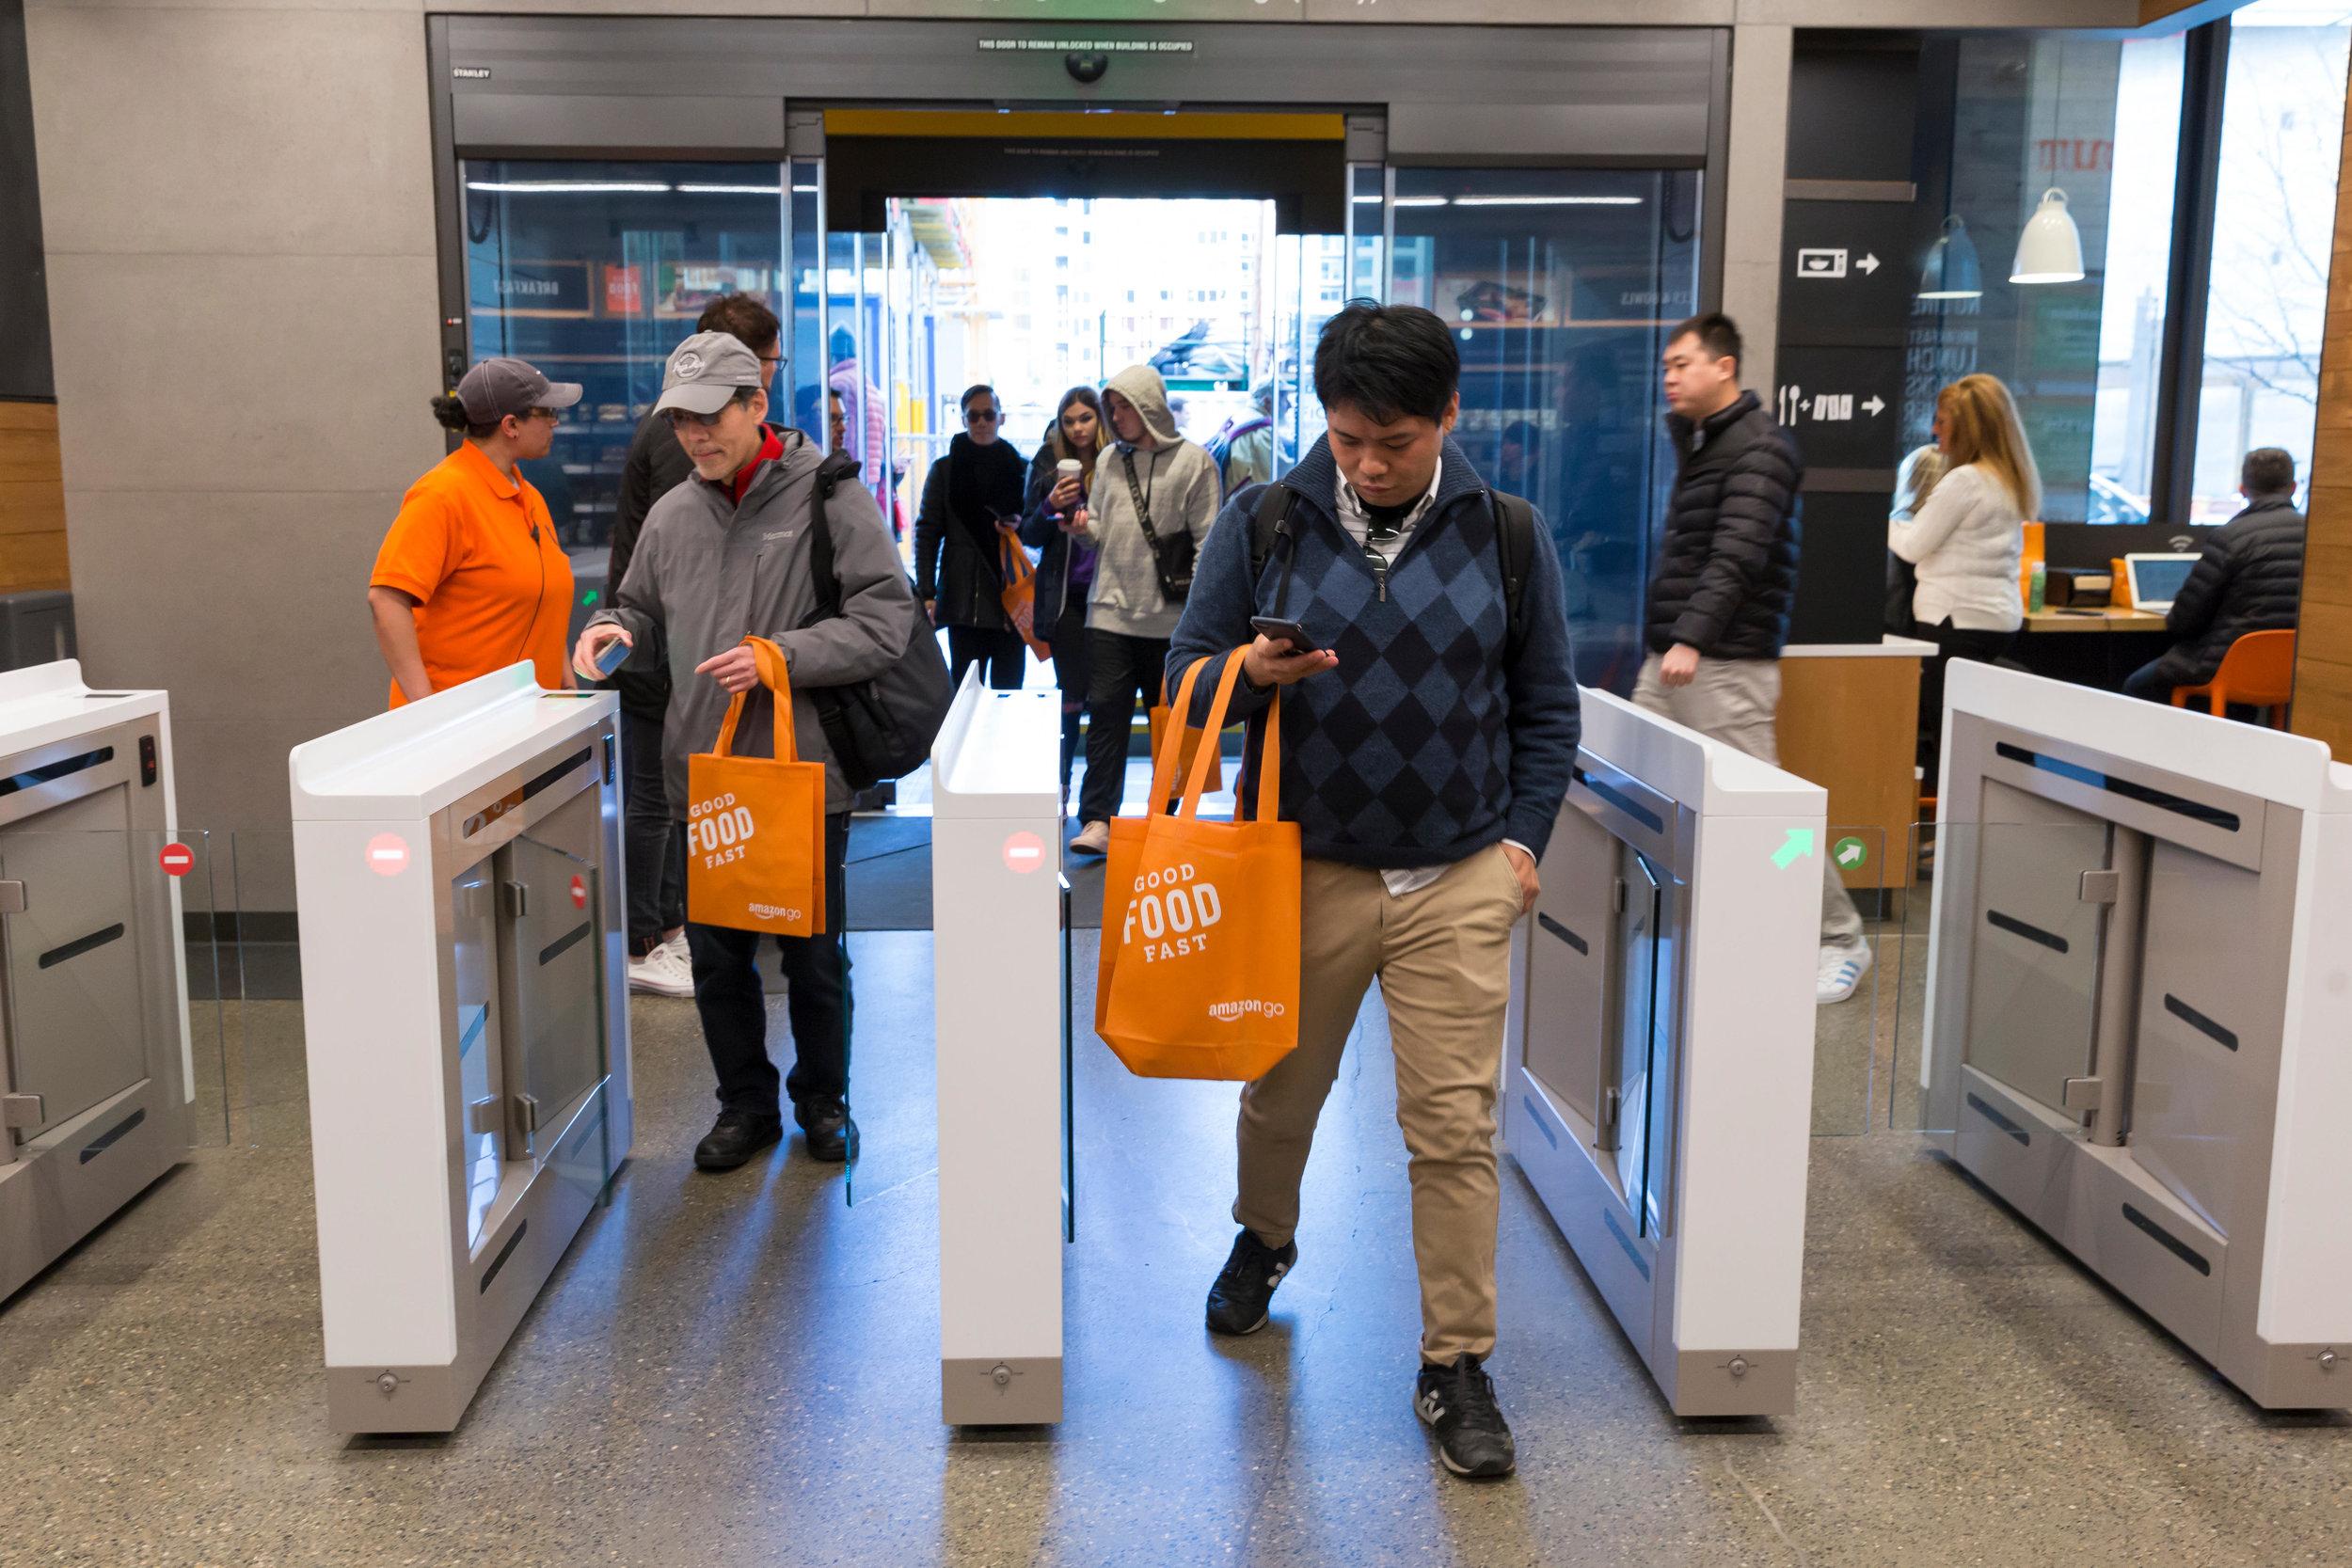 """Amazons intelligente butik """"Amazon Go"""". Den registrerer, hvilke varer du tager ned fra hylderne, og hvilke varer du sætter tilbage igen. Når du går ud af butikken klares betalingen uden en kø ved kasseapparatet. Du går bare ud og betalingen sker automatisk."""